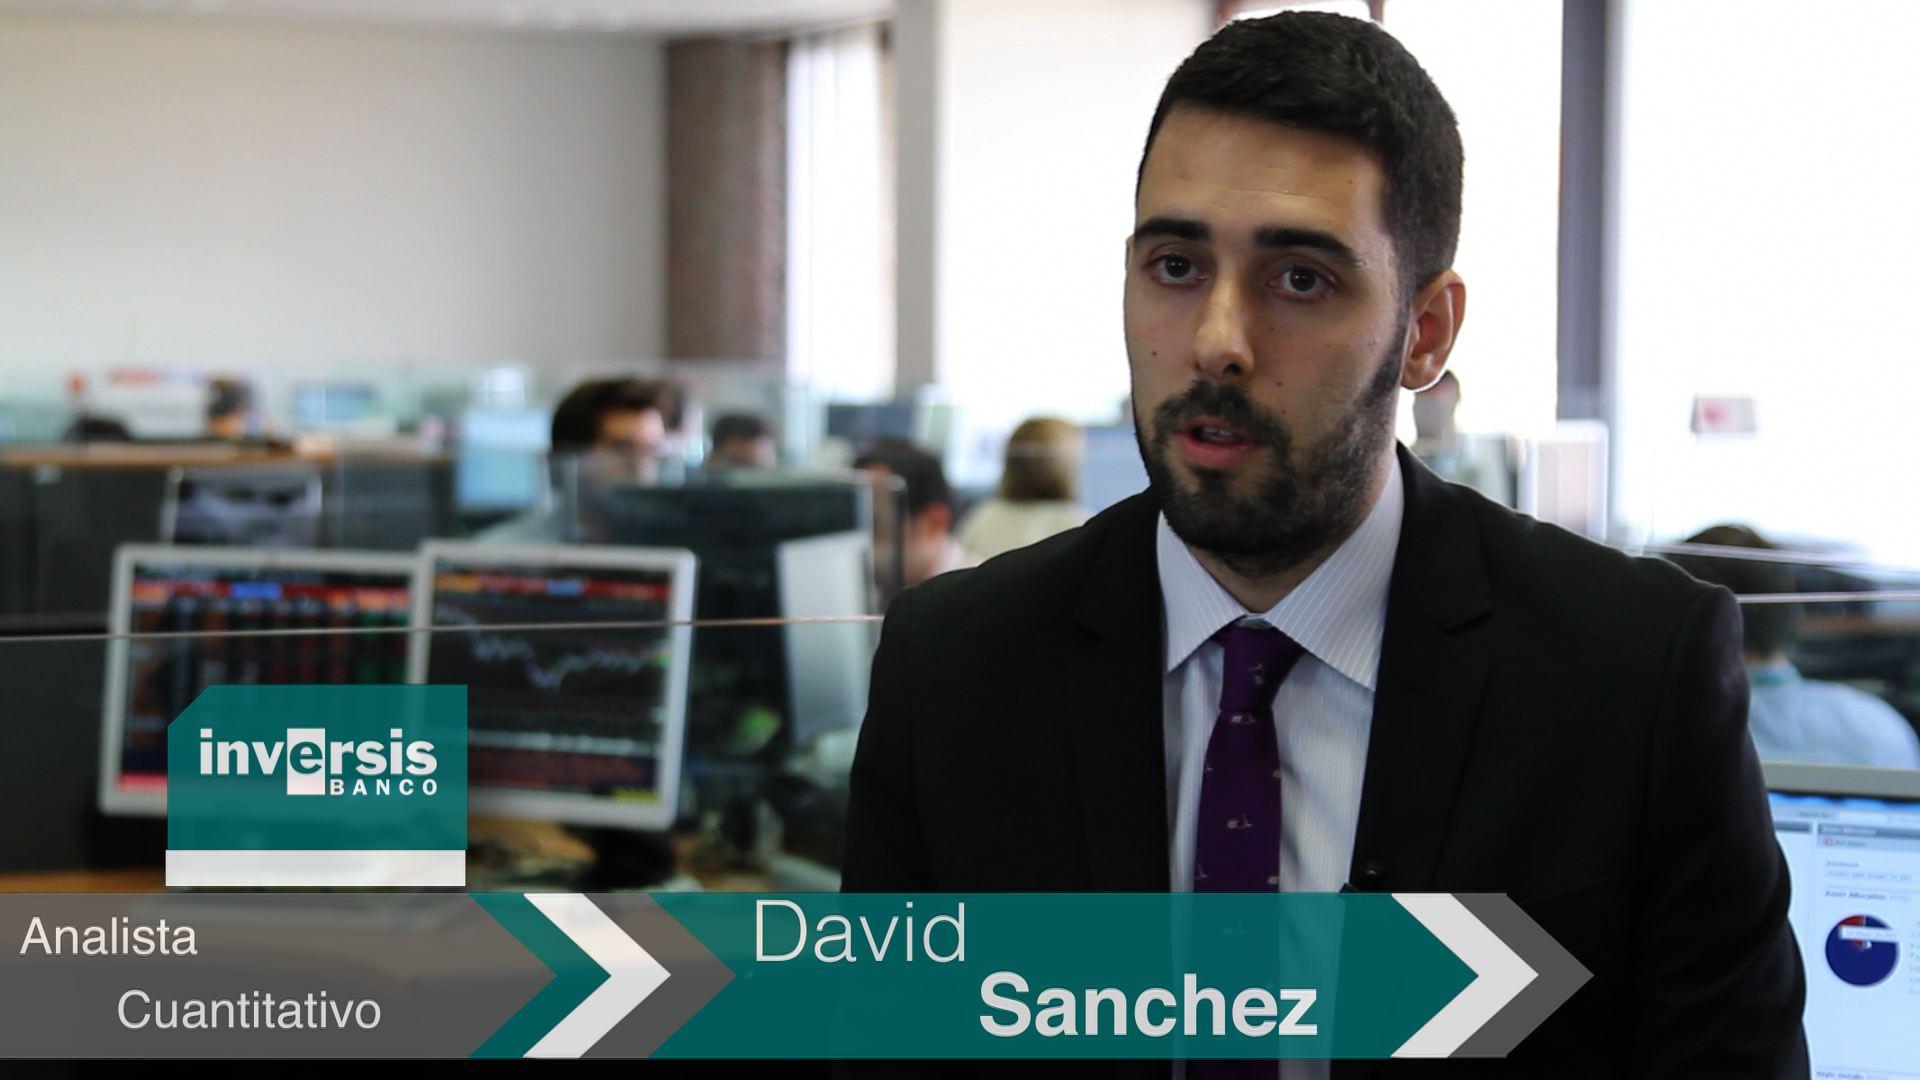 """David Sánchez: """"En renta fija estamos más positivos en los fondos no direccionales"""""""